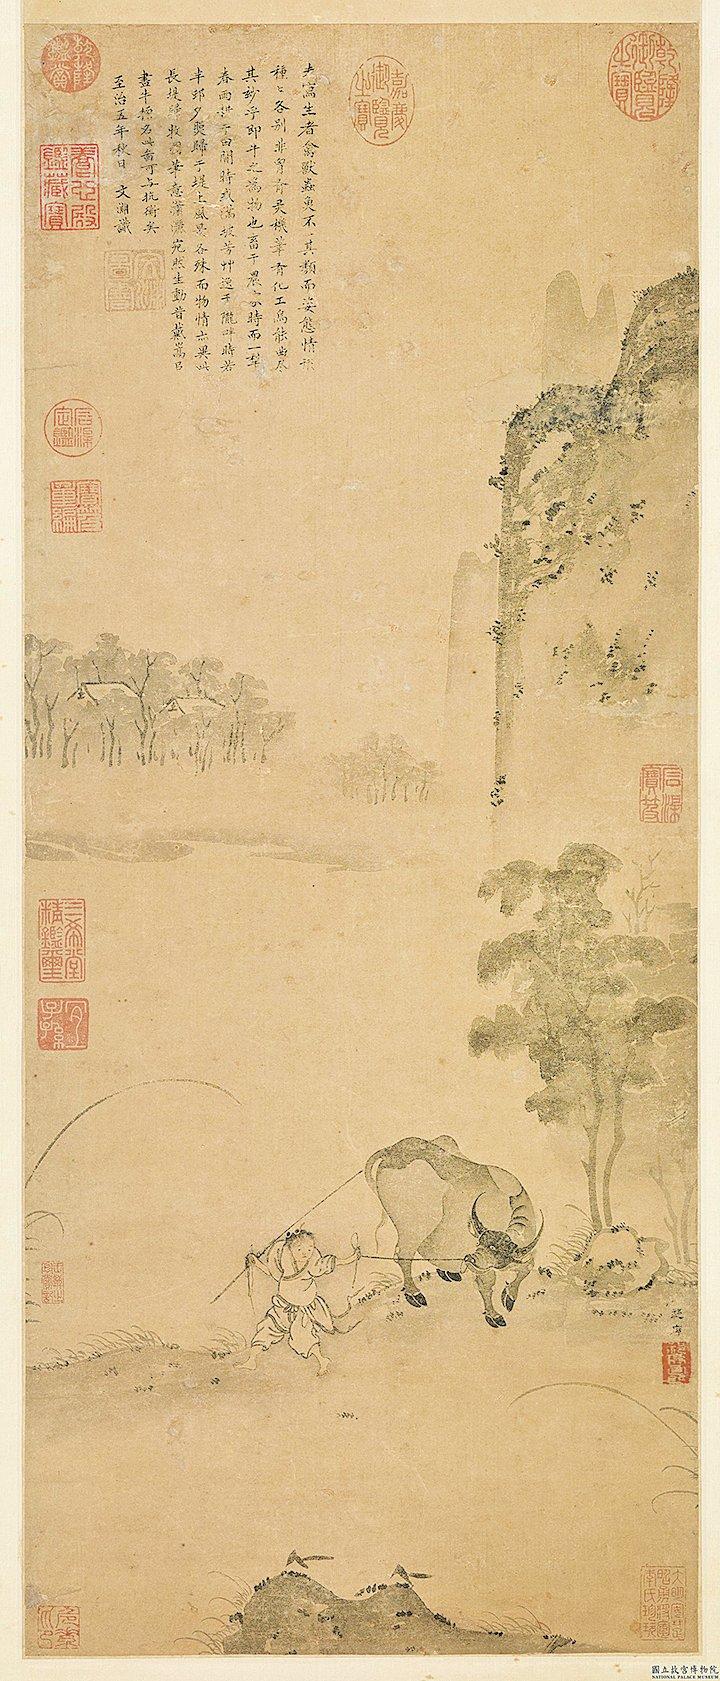 李源剛到杭州的天竺寺外,就聽到一陣歌聲。李源循聲望去,看到一個牧童正拍著牛角唱歌。圖為宋‧祁序《長堤歸牧圖》,台北國立故宮博物院藏(公有領域)